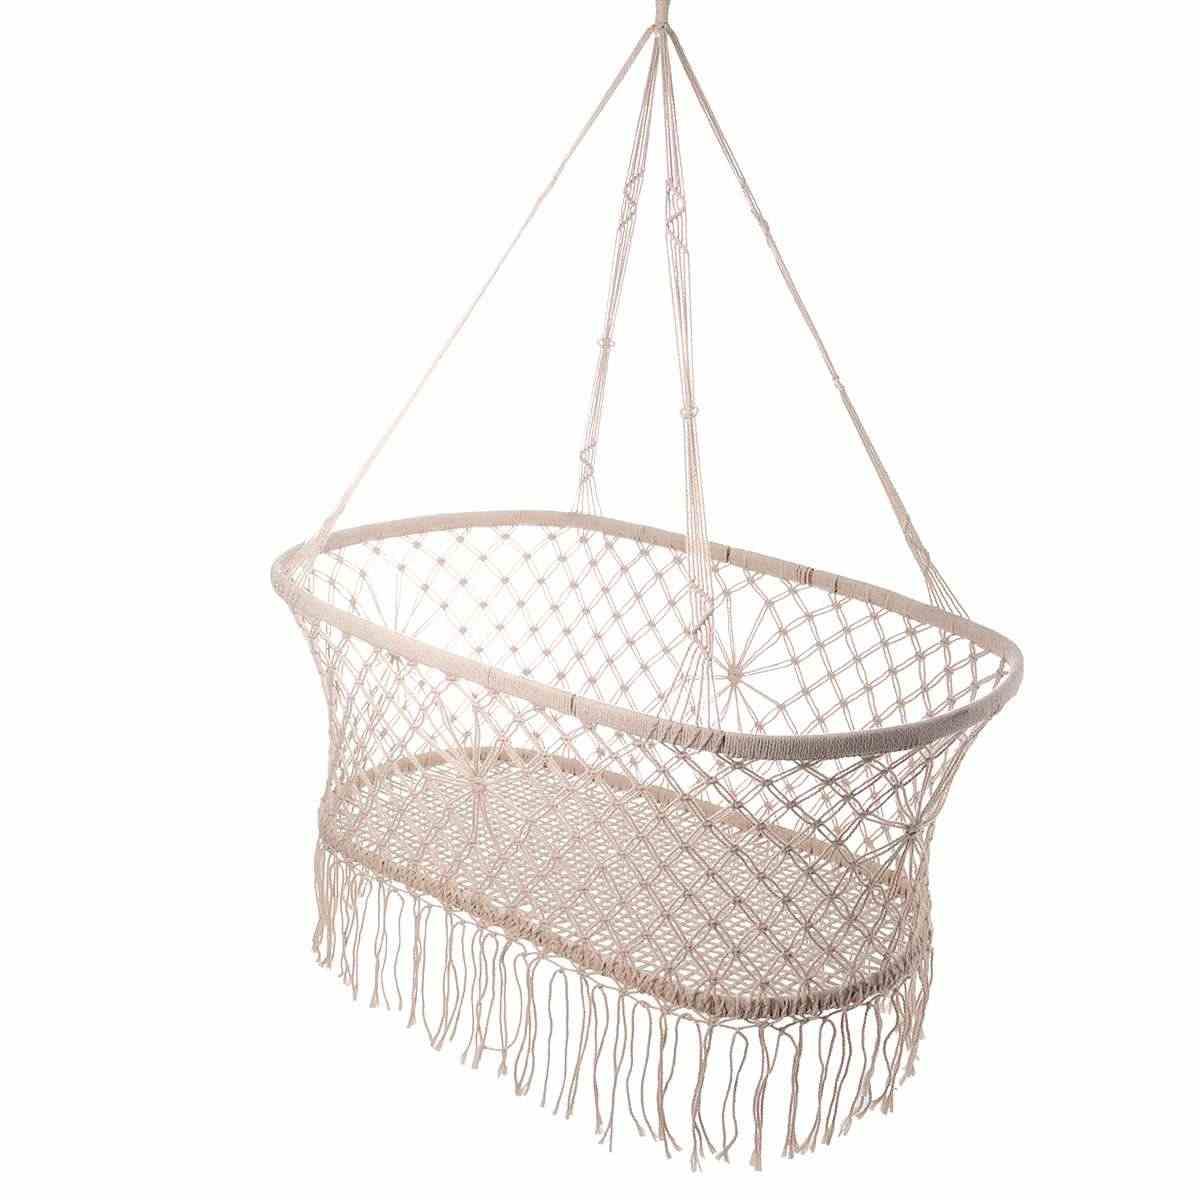 화이트 코 튼 베이비 가든 해먹 아기 유아용 침대 코 튼 짠 로프 스윙 파티오 의자 좌석 침구 베이비 케어 90*45*35cm